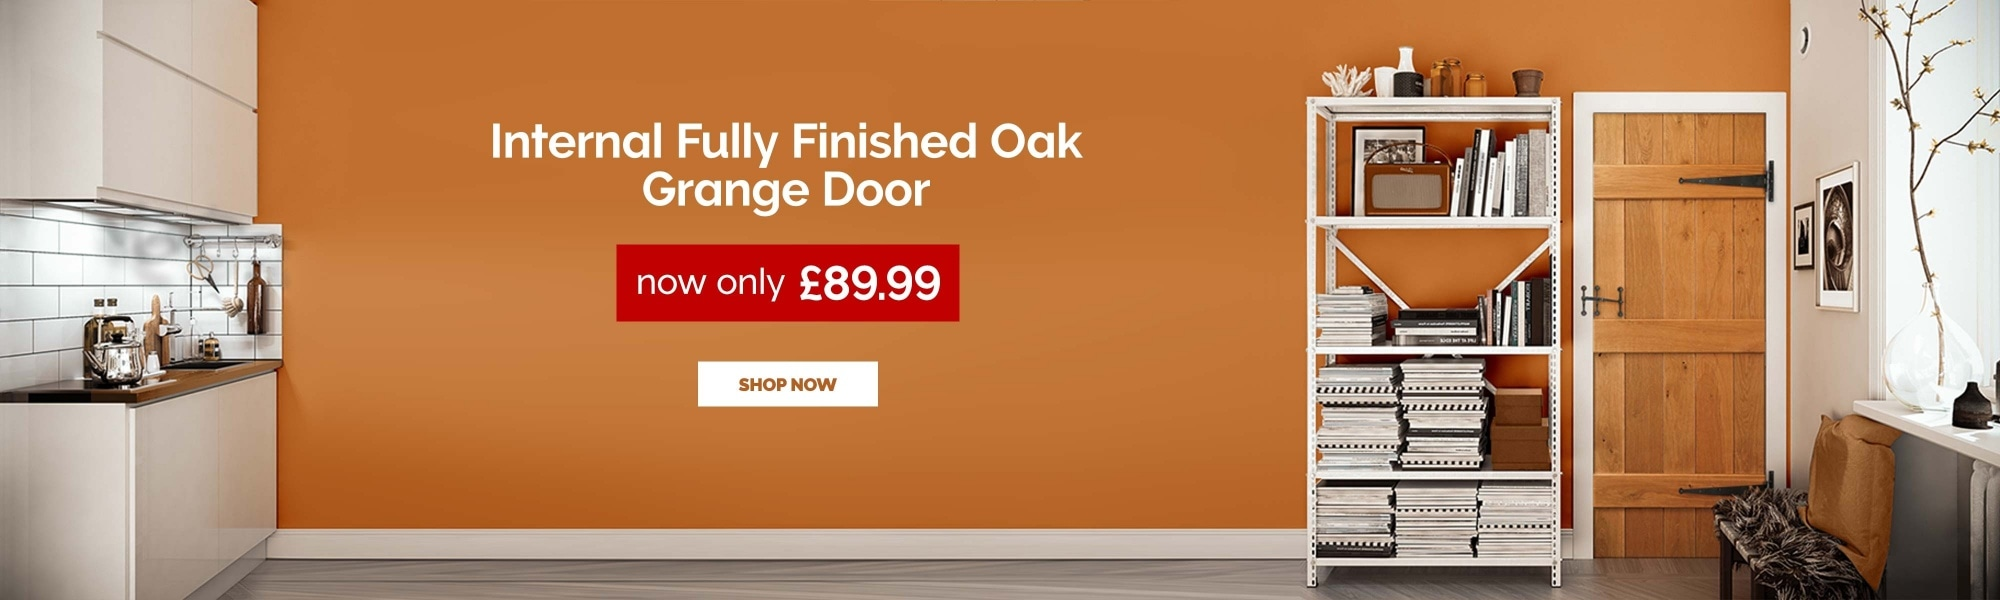 Grange Doors - only £89.99